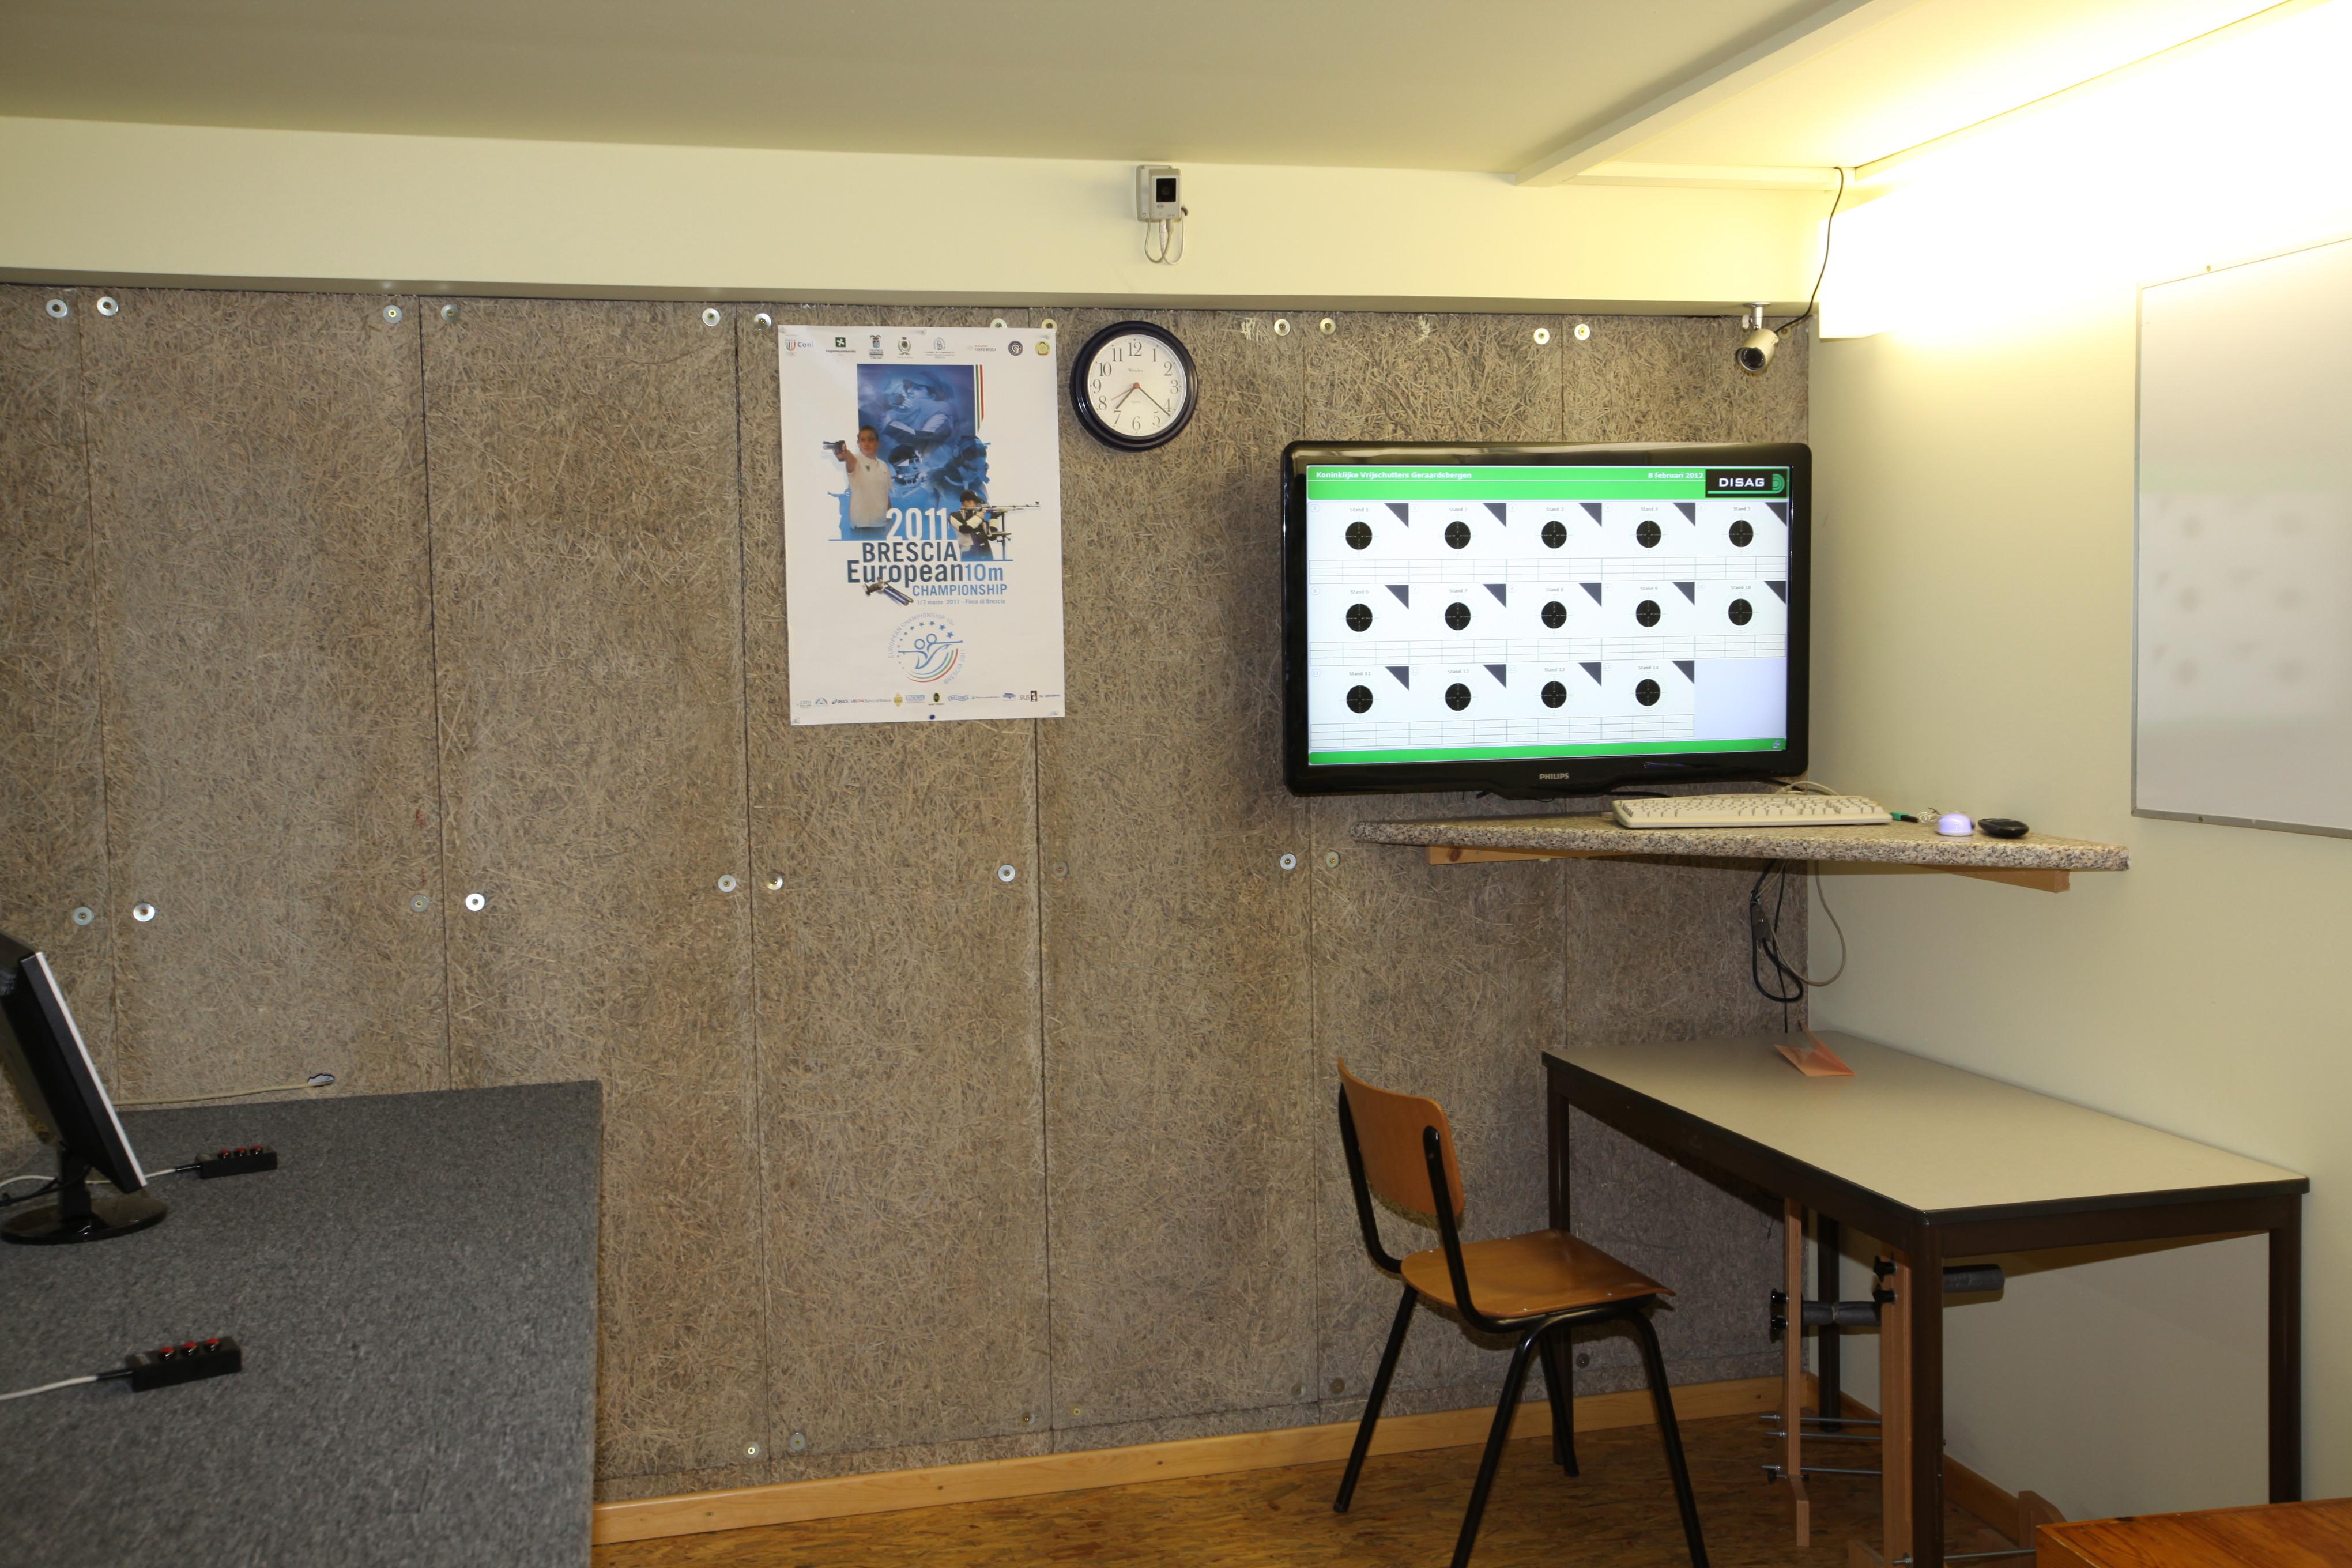 10 meterstand tv + bureau